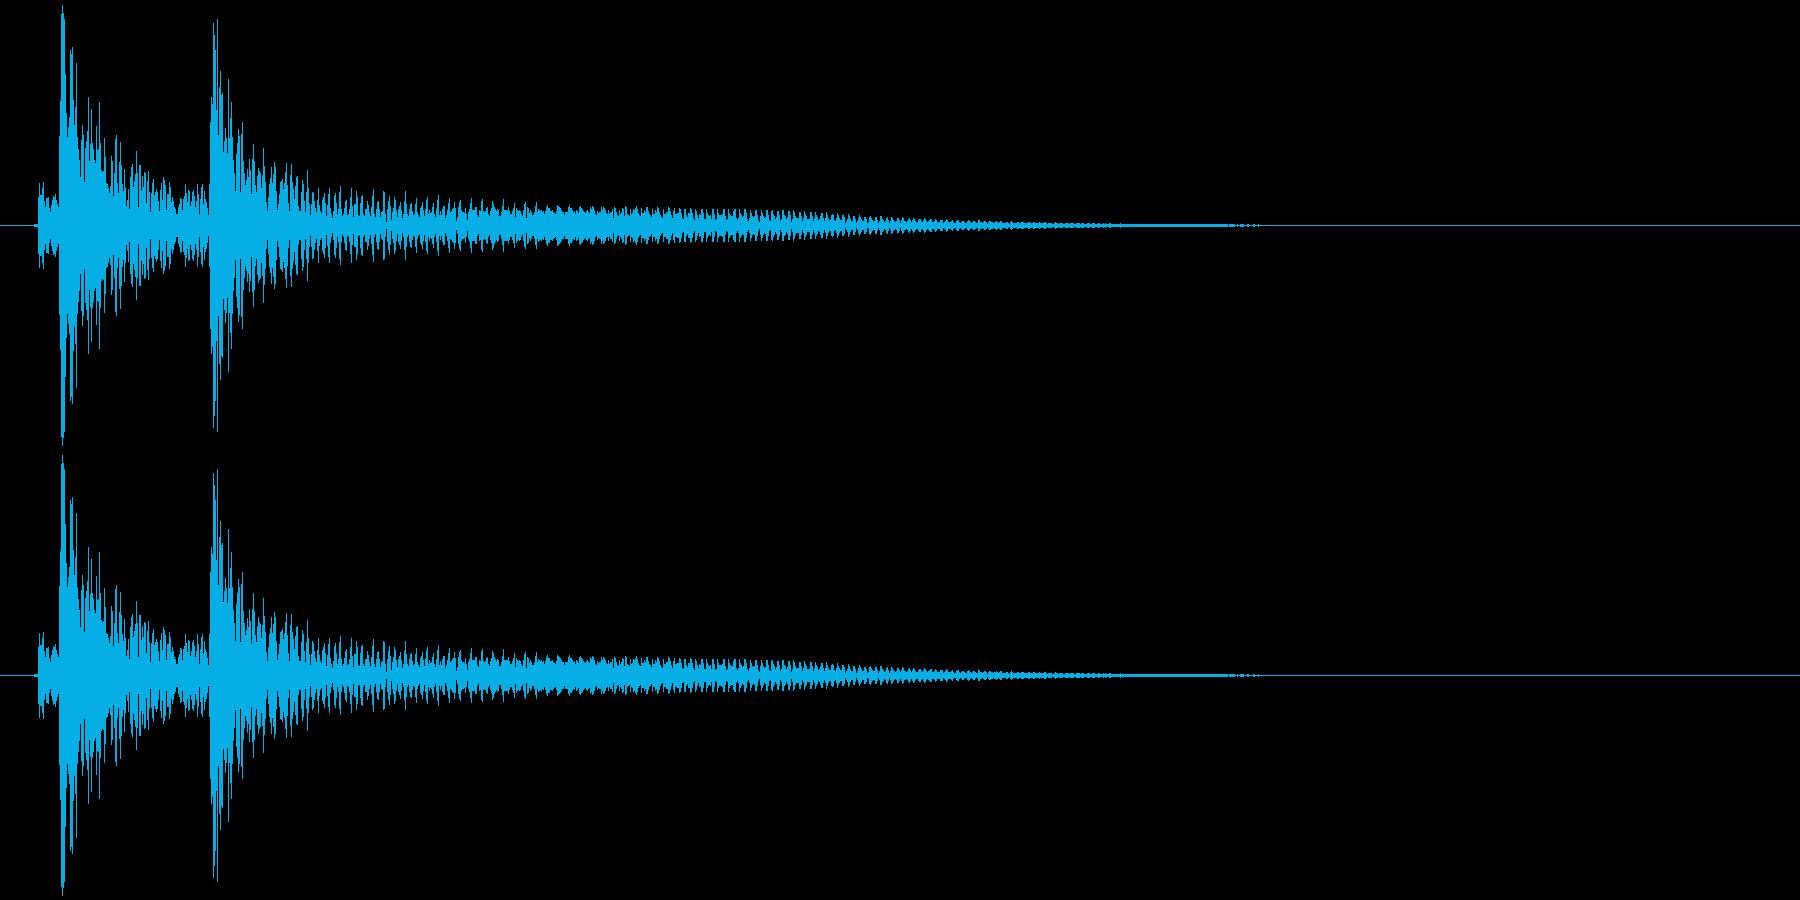 沖縄風クリック・タップ音3の再生済みの波形